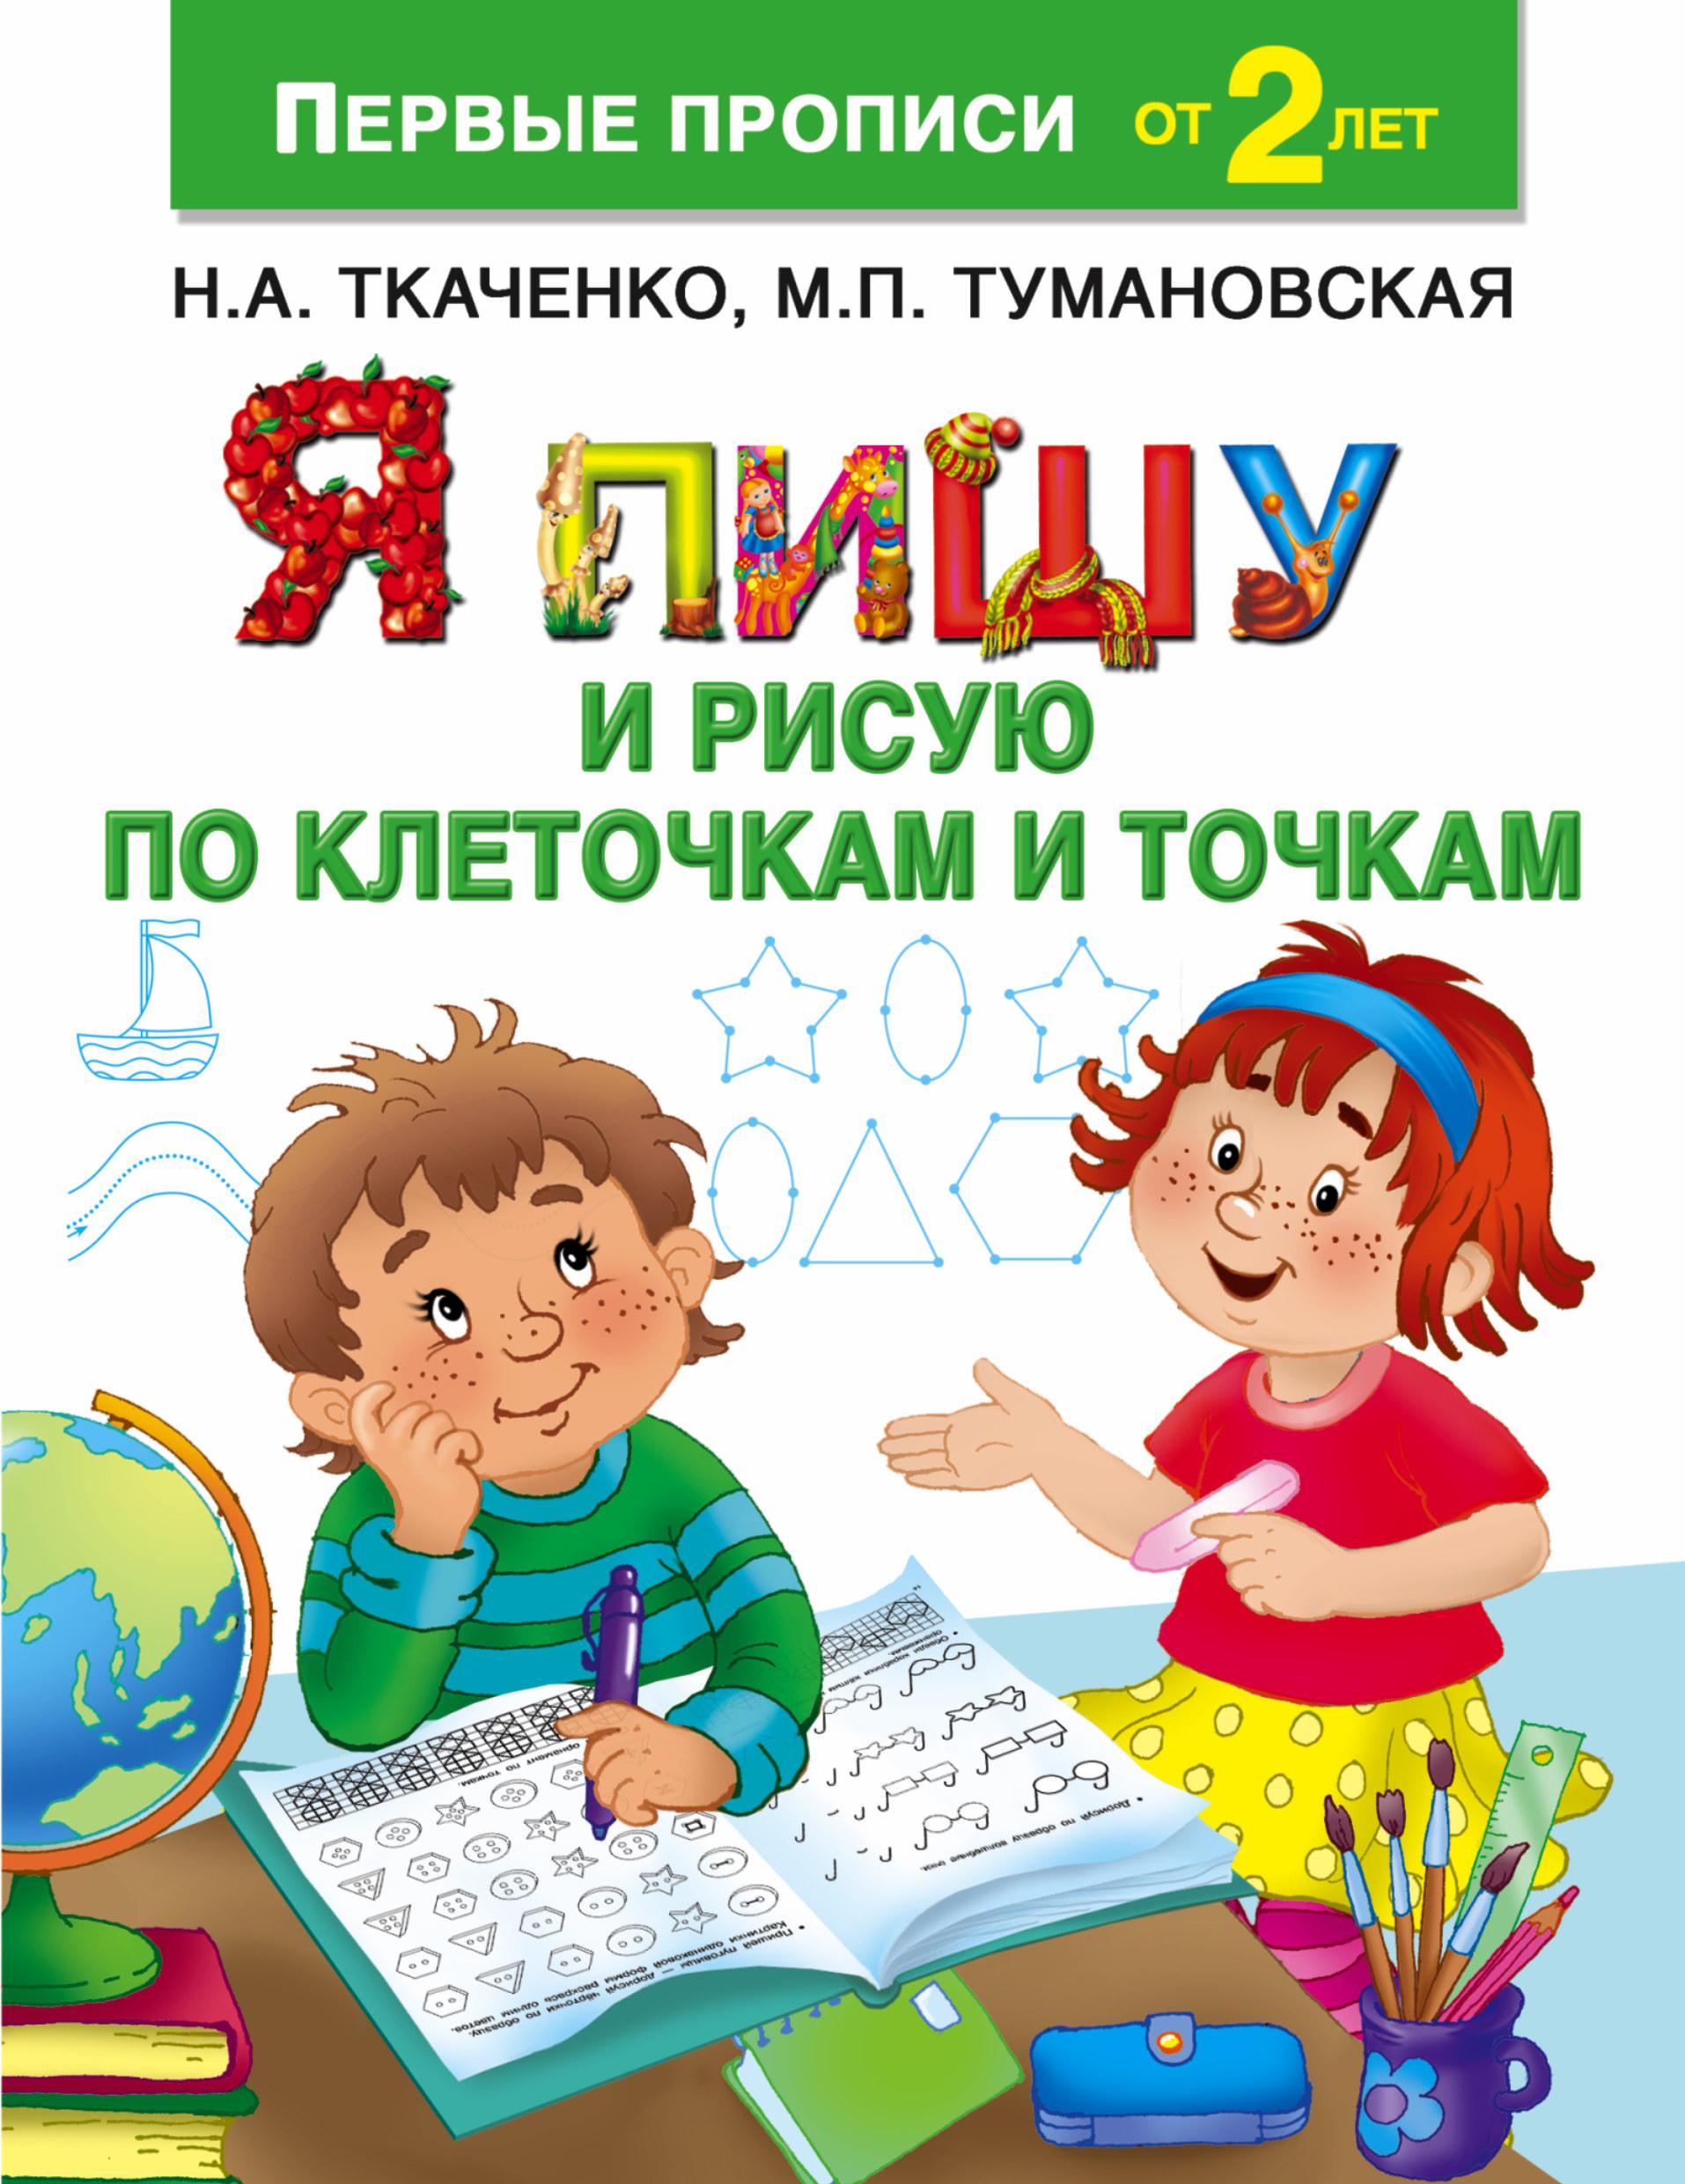 Ткаченко Н.А., Тумановская М.П. Я пишу и рисую по клеточкам и точкам